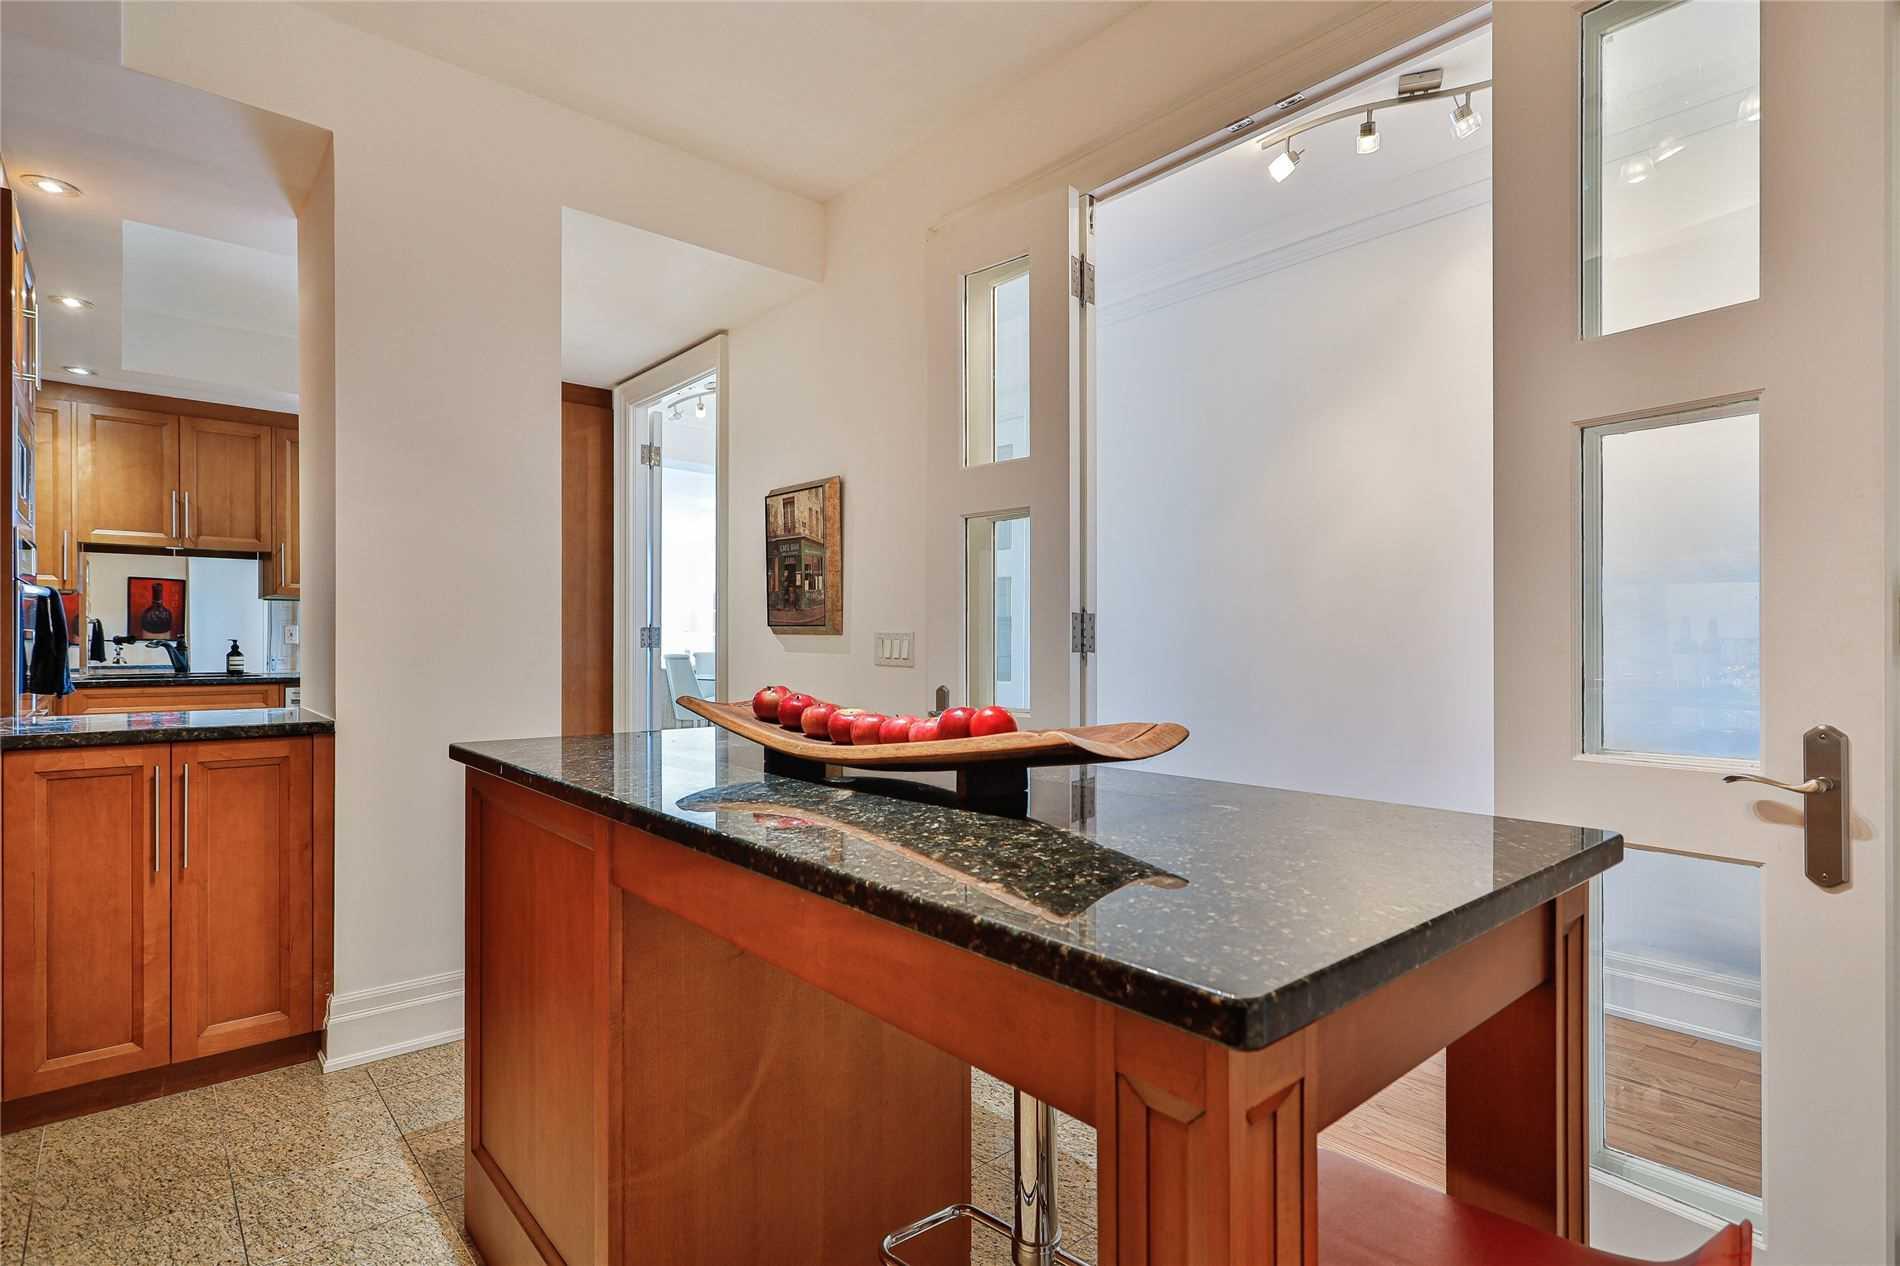 317 - 2095 Lake Shore Blvd W - Mimico Condo Apt for sale, 2 Bedrooms (W5369727) - #16